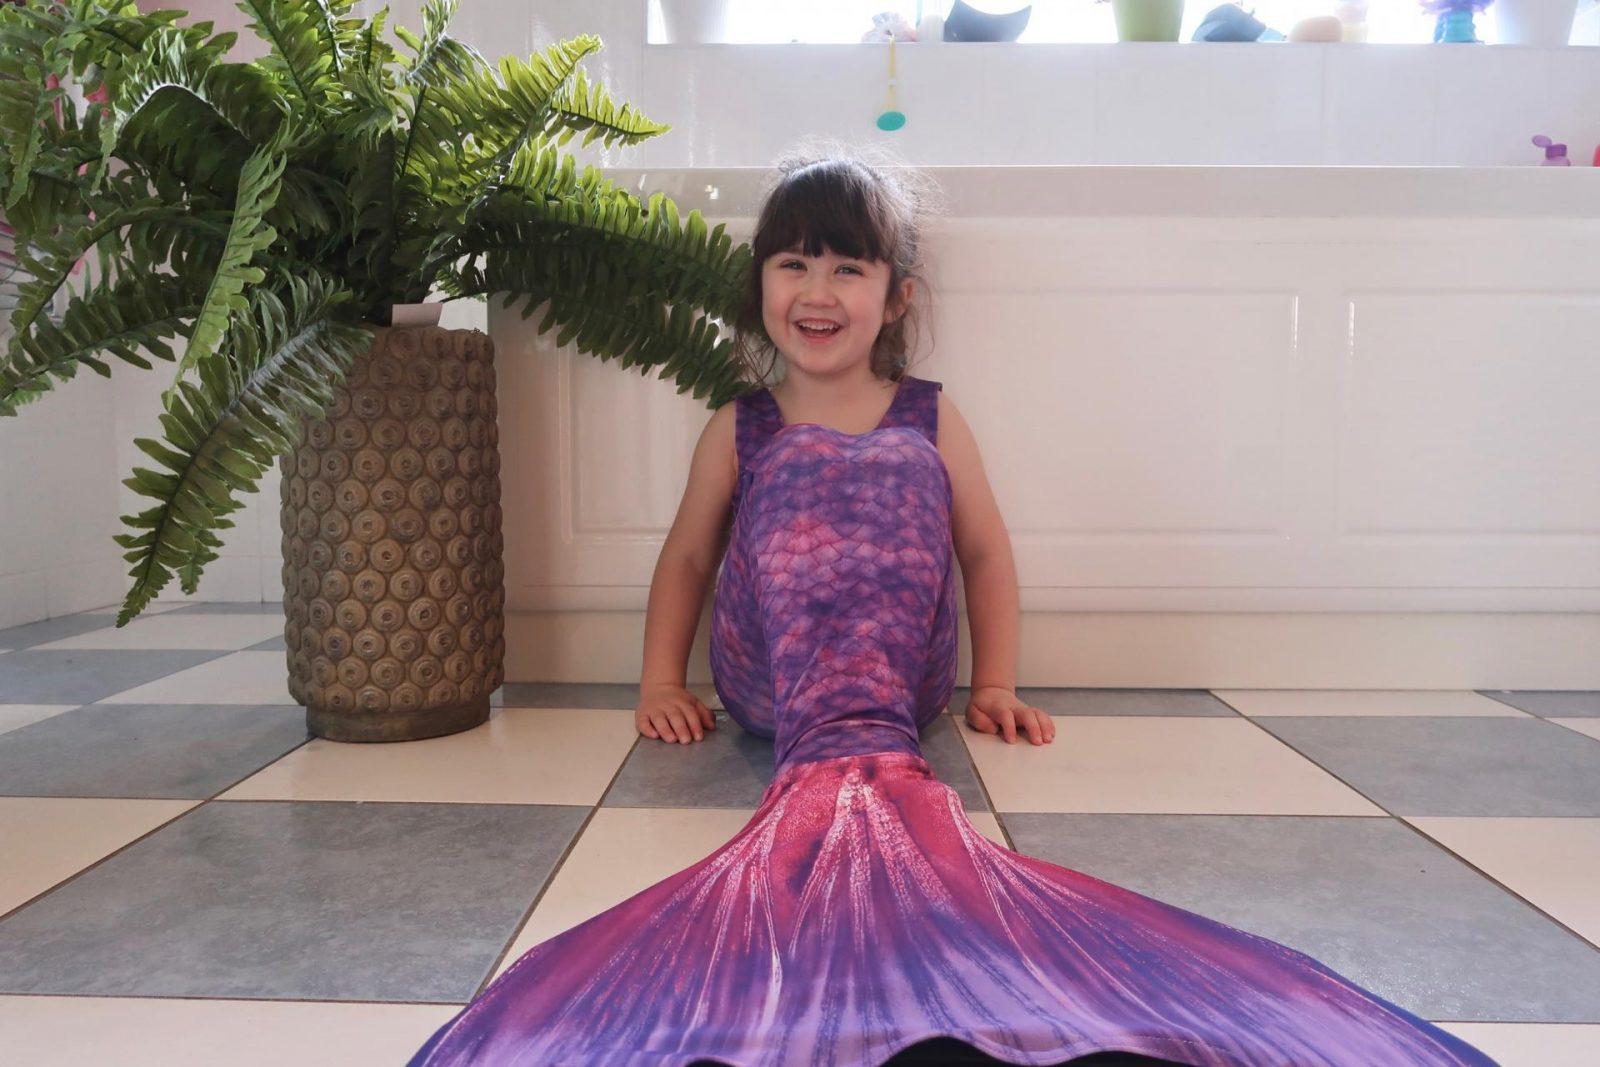 girl in planet mermaid purple tail